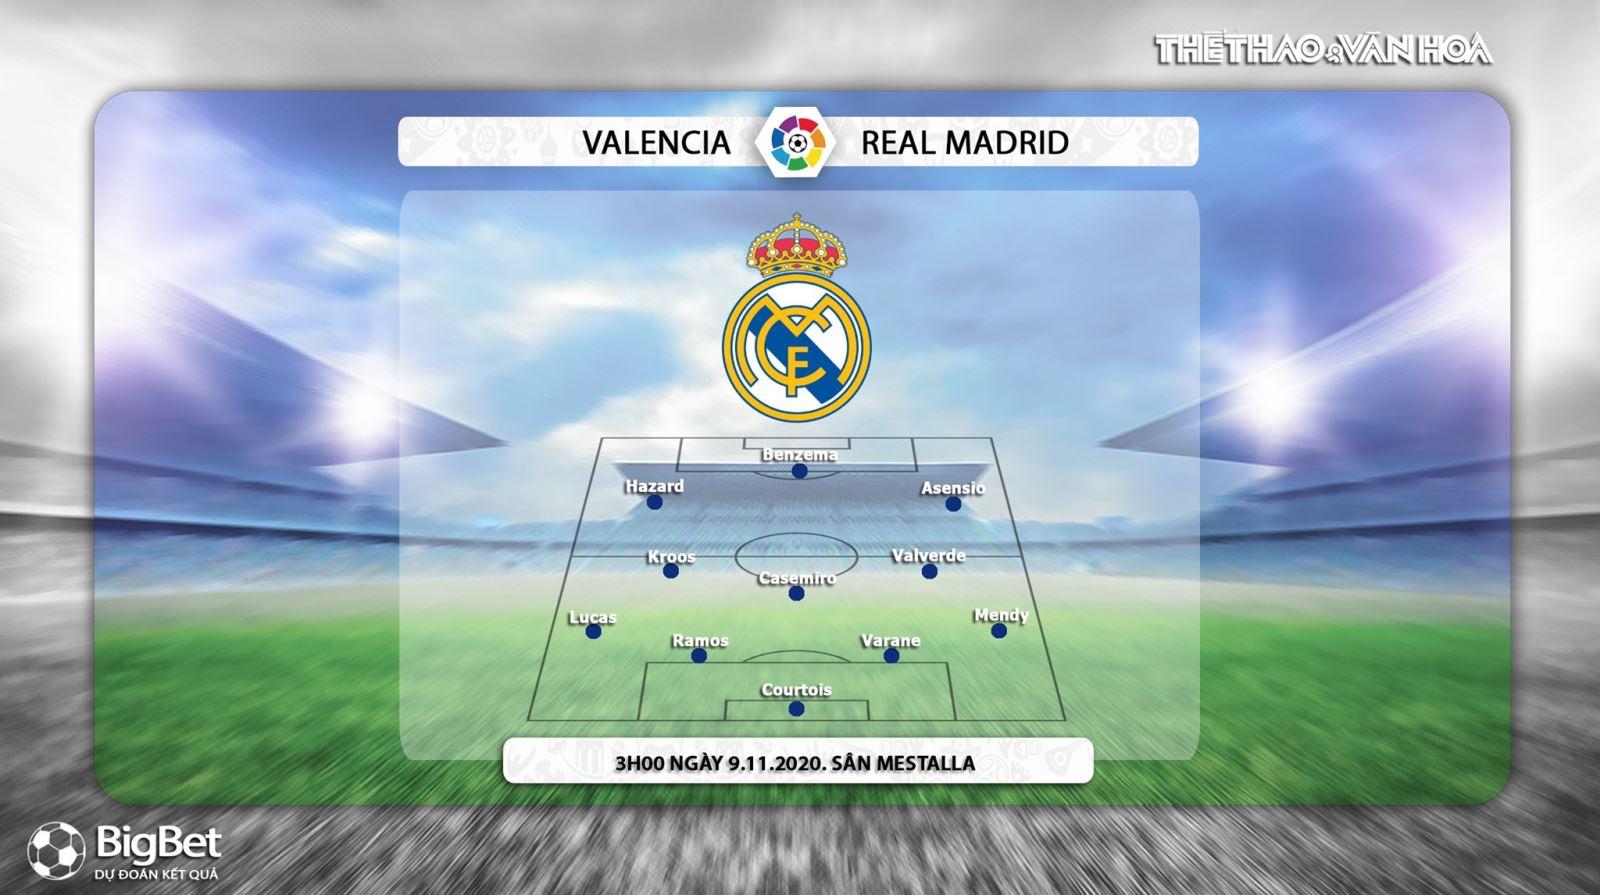 Keo nha cai, kèo nhà cái, Valencia vs Real Madrid, Vòng 9 La Liga, Trực tiếp BĐTV, Trực tiếp La Liga vòng 9, Soi kèo Valencia đấu với Real Madrid, Kèo Real Madrid, Liga